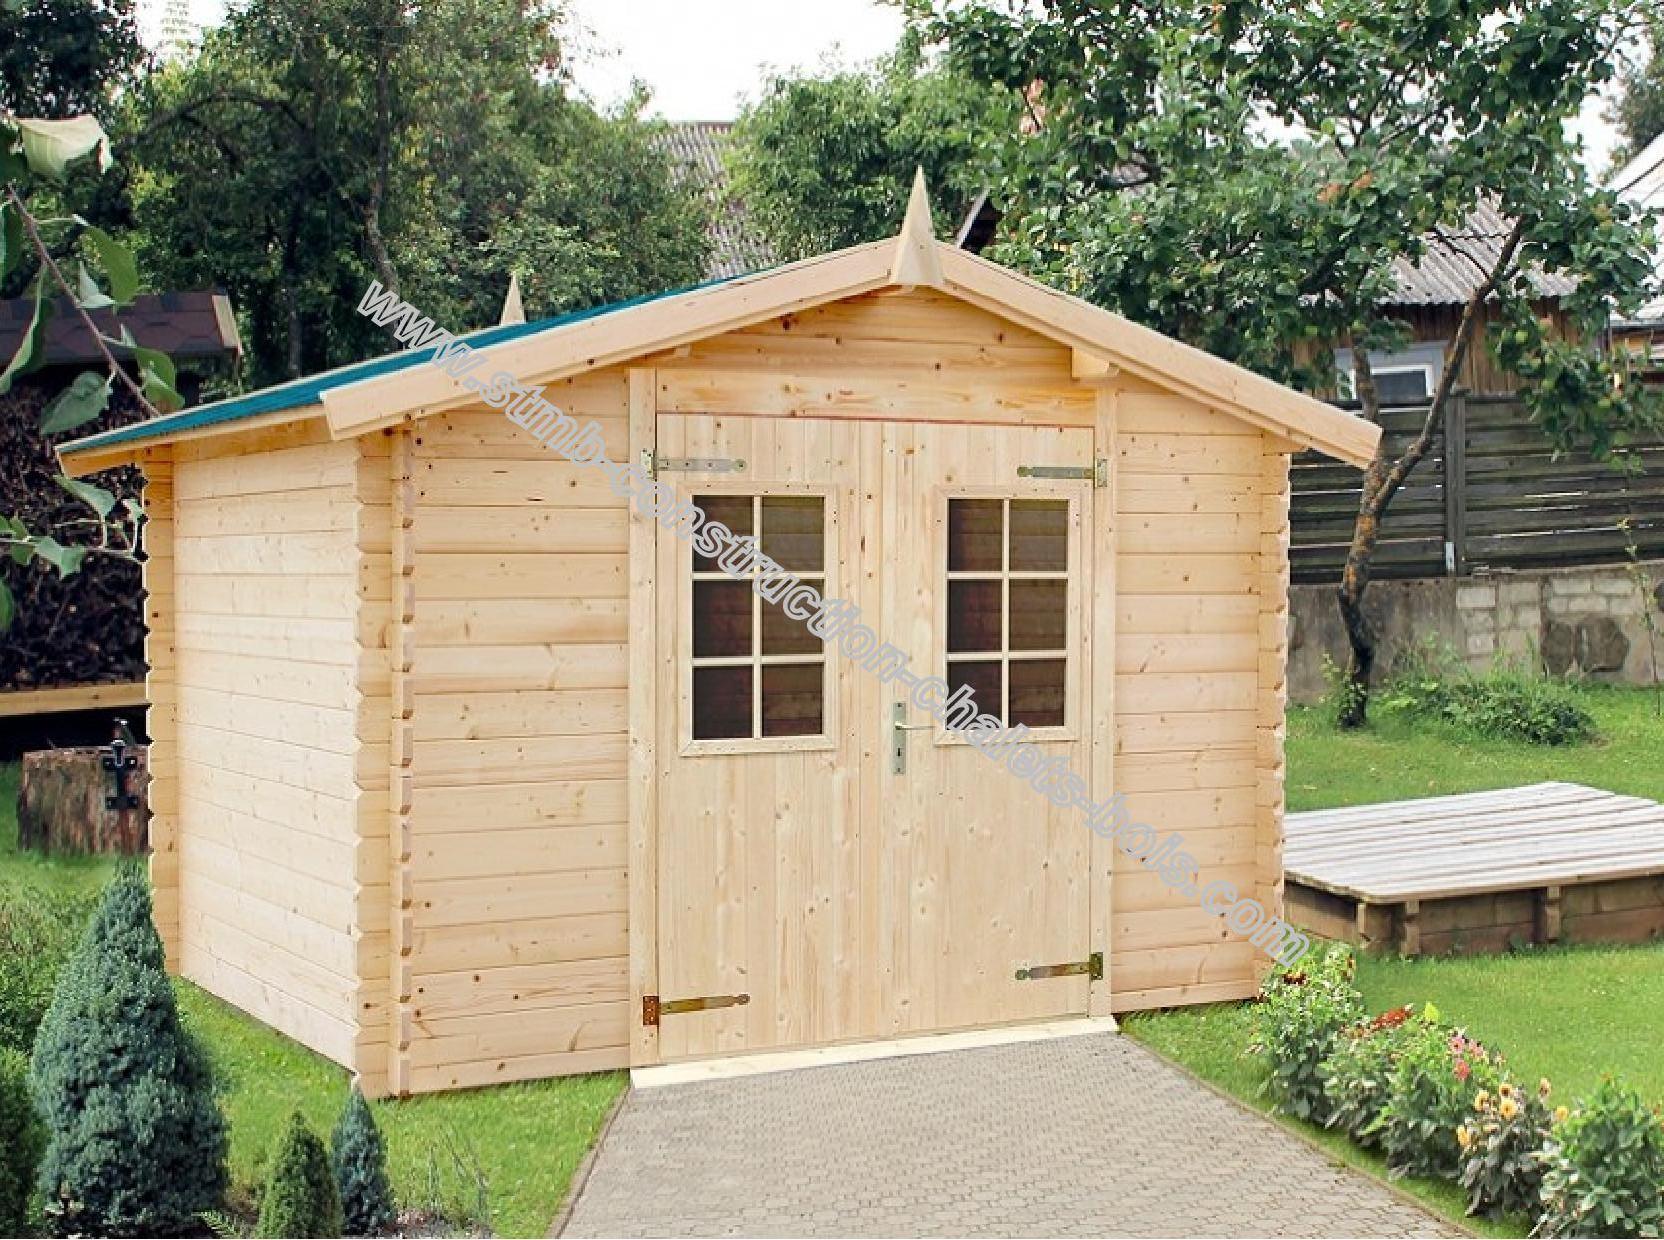 Kit abri de jardin en madriers de 28 mm livr gratuitement for Abri de jardin en kit